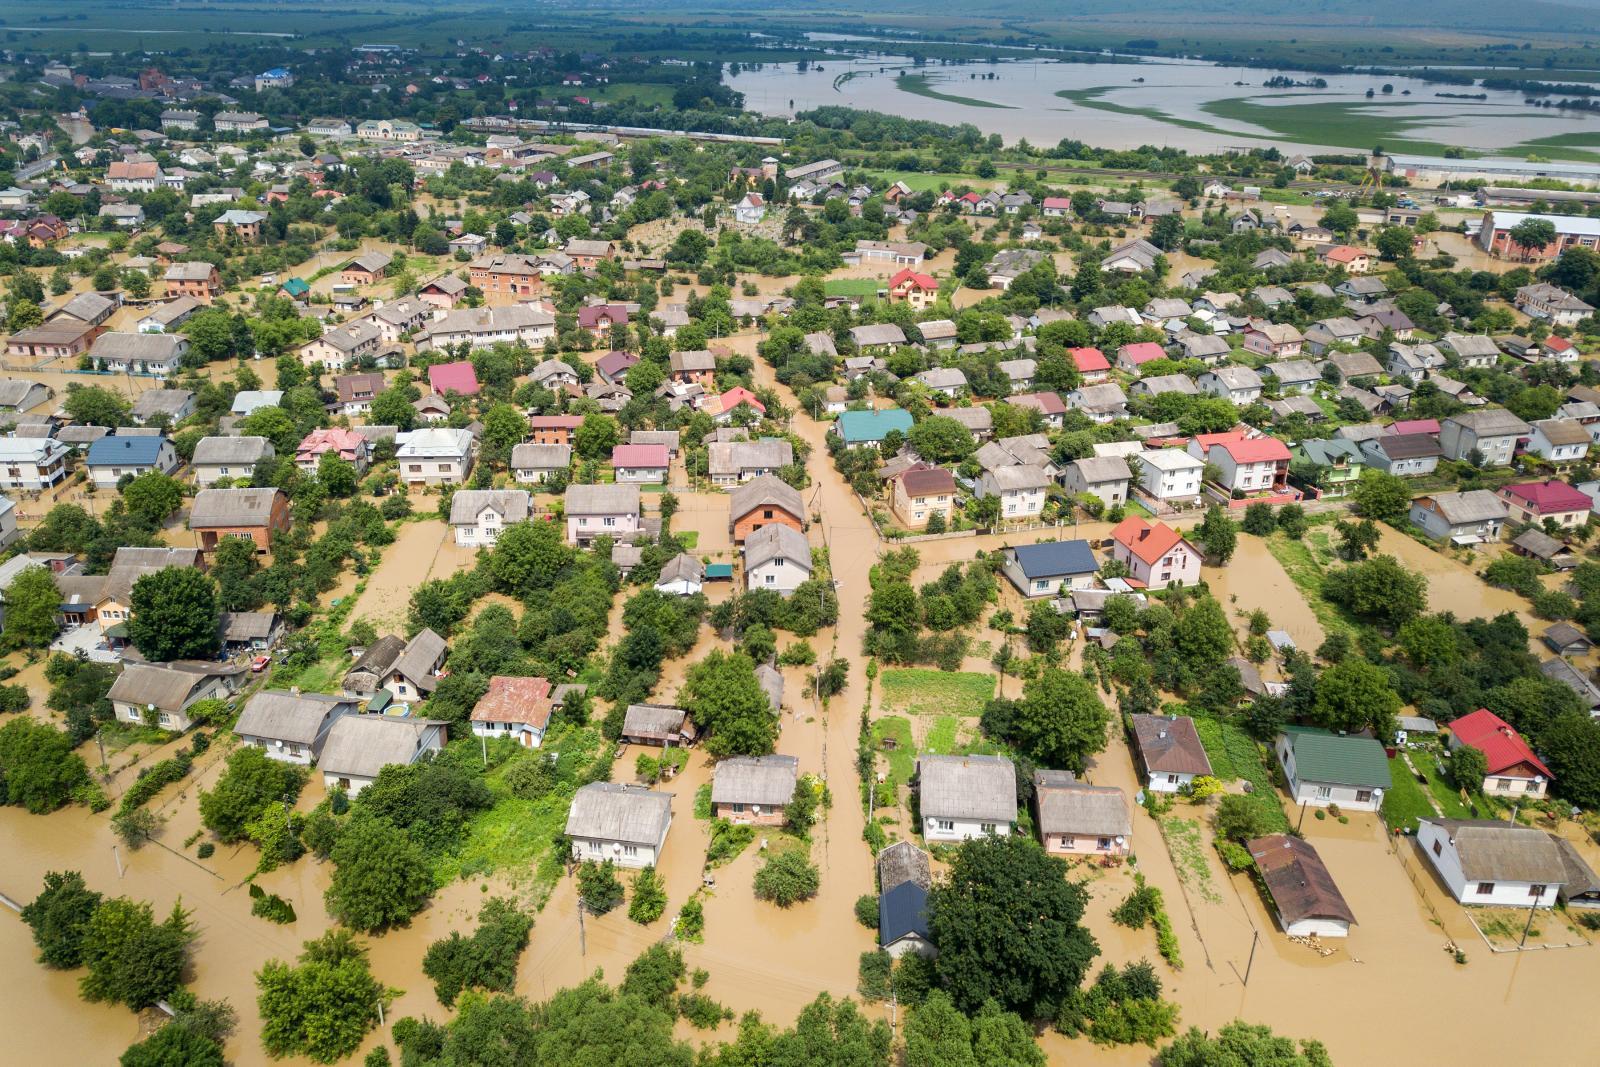 เช็กที่ดินเสี่ยงน้ำท่วม ด้วยแผนที่ดาวเทียม ก่อนตัดสินใจซื้อ